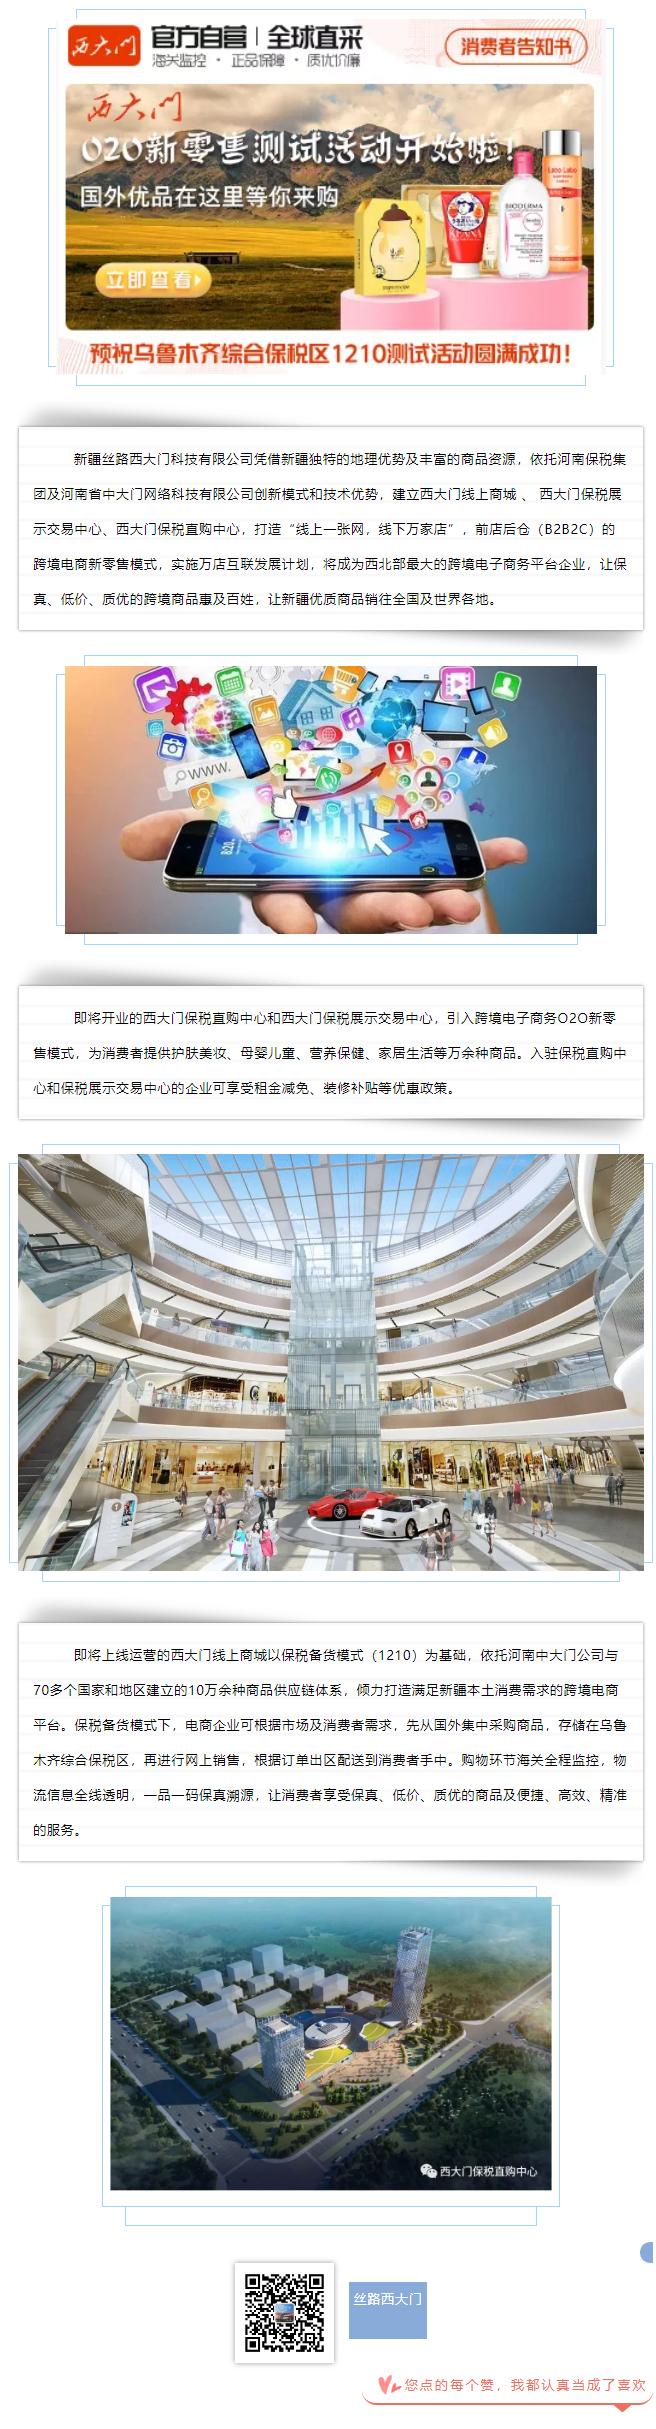 線上一張網 線下萬家店_看圖王.png